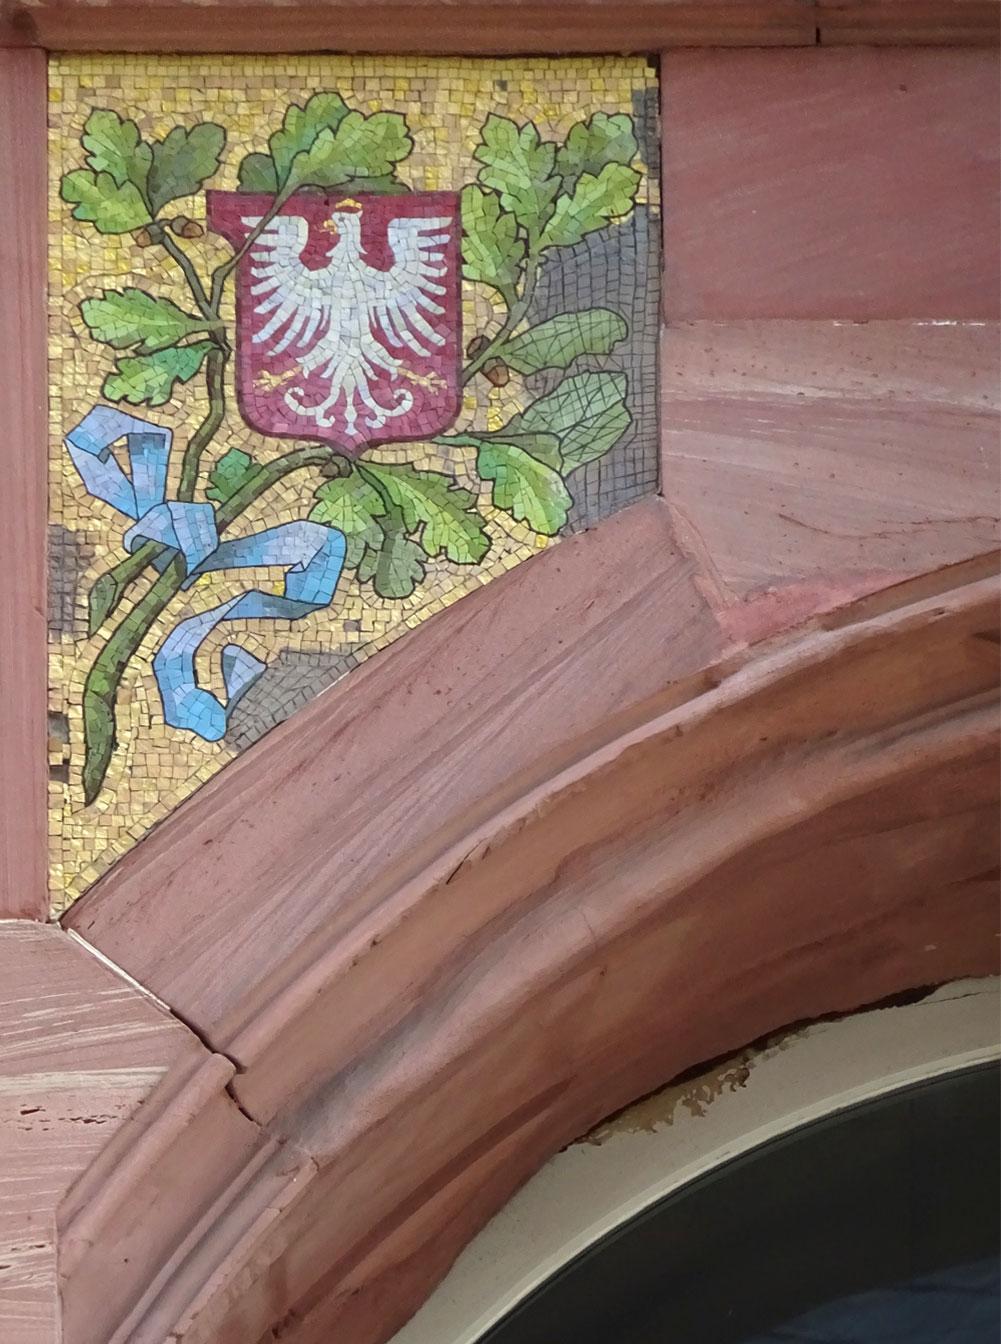 Verzierung mit Wappen an Haus in Frankfurt